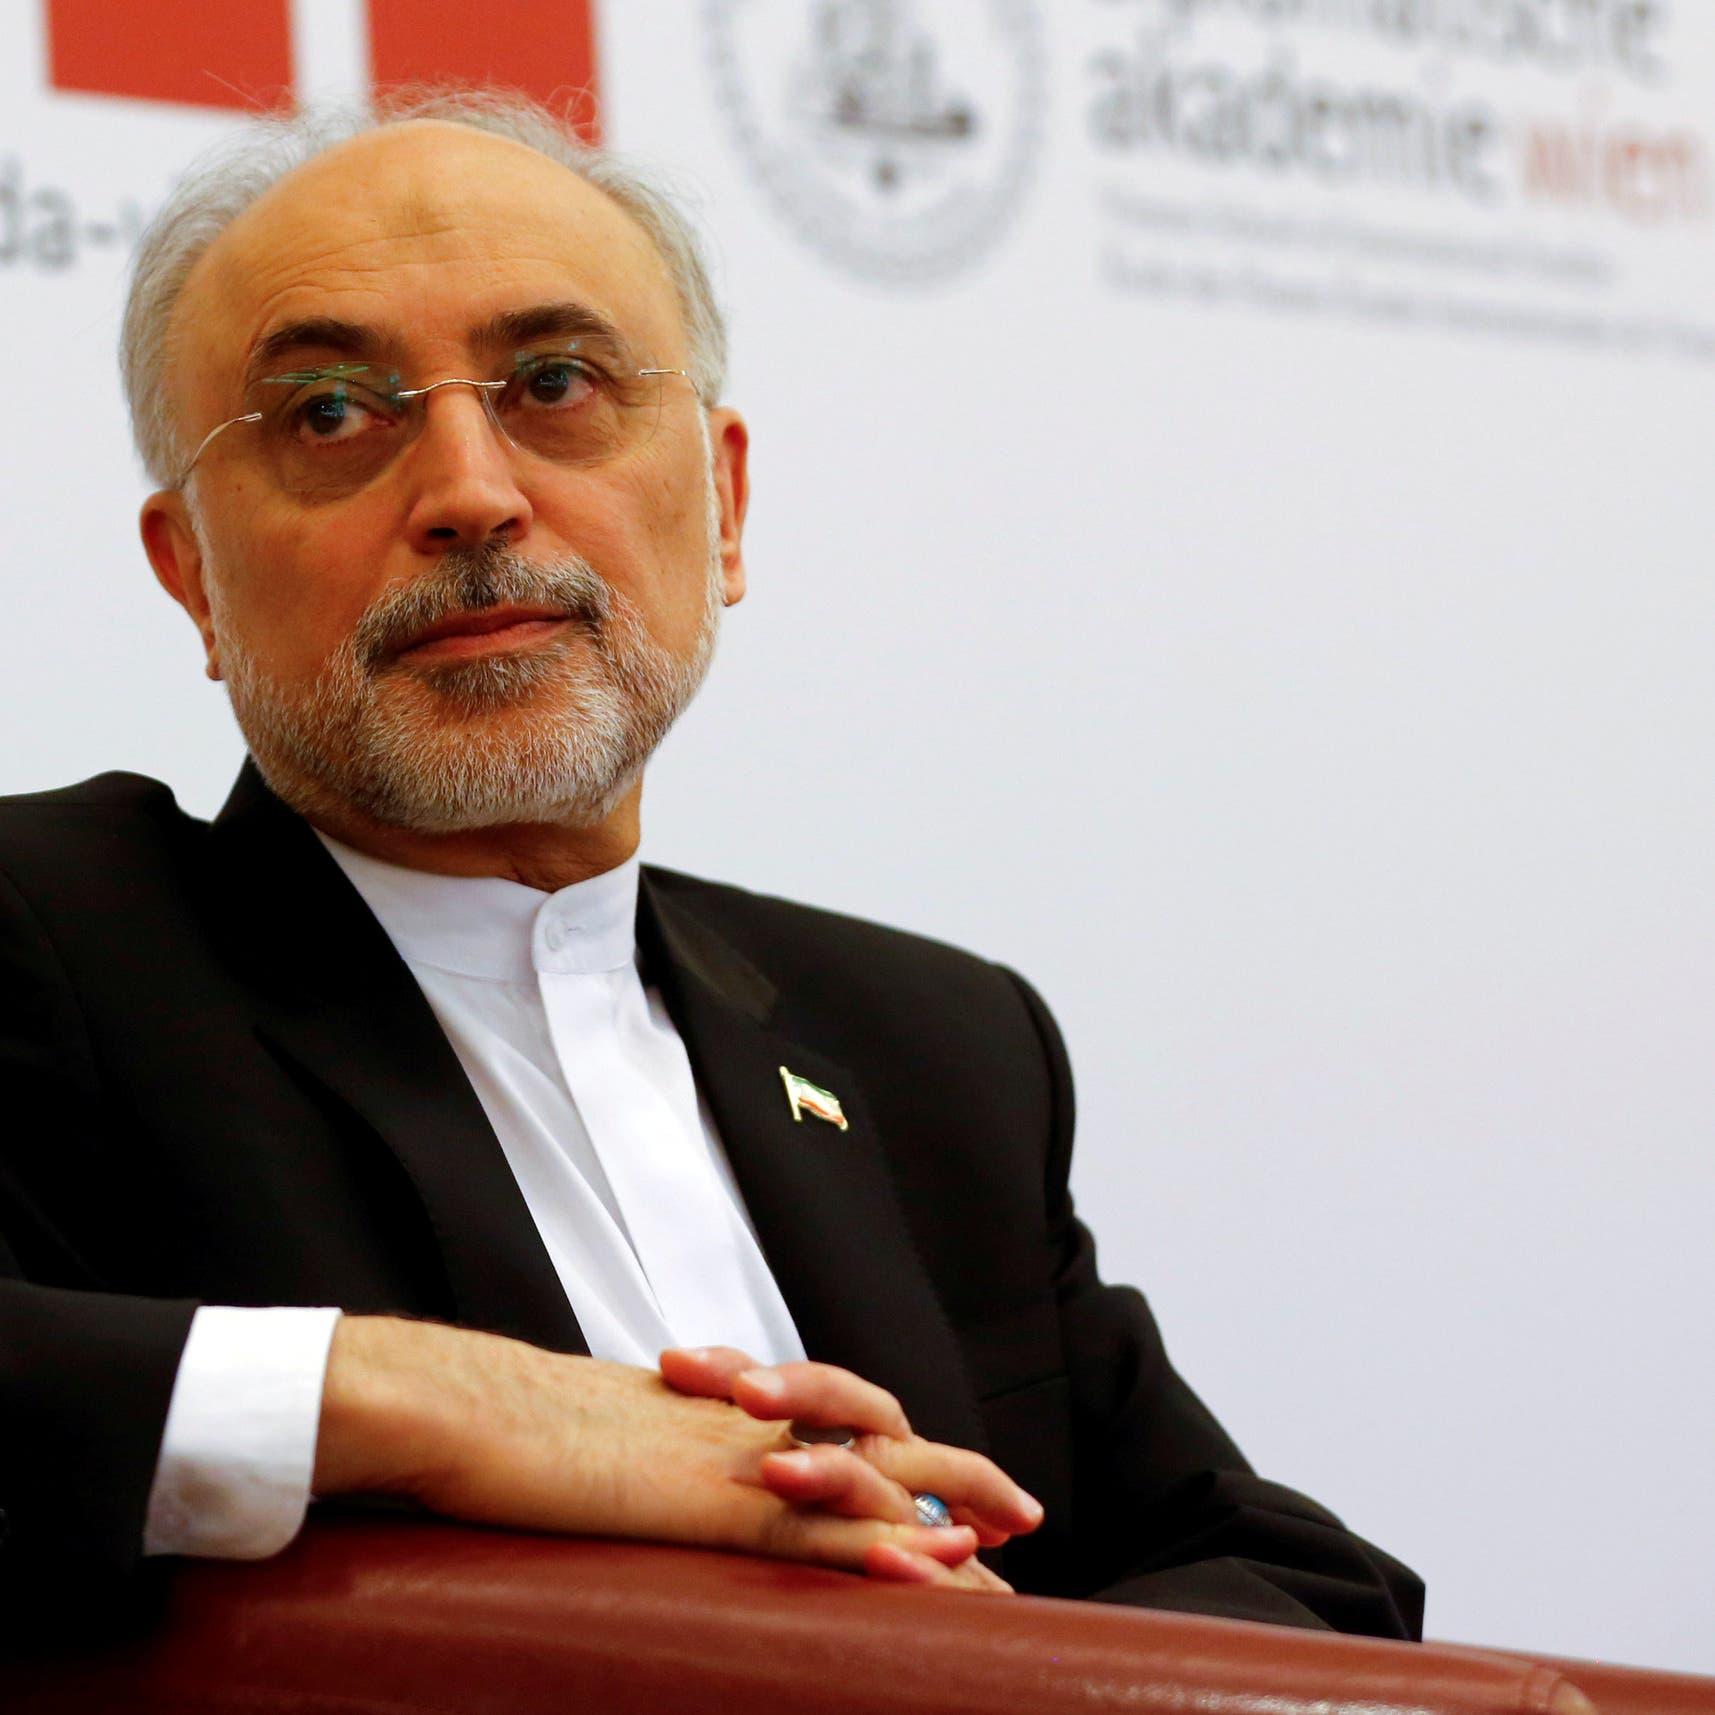 إيران: حادث نطنز متعمد.. ونحتفظ بحق الرد